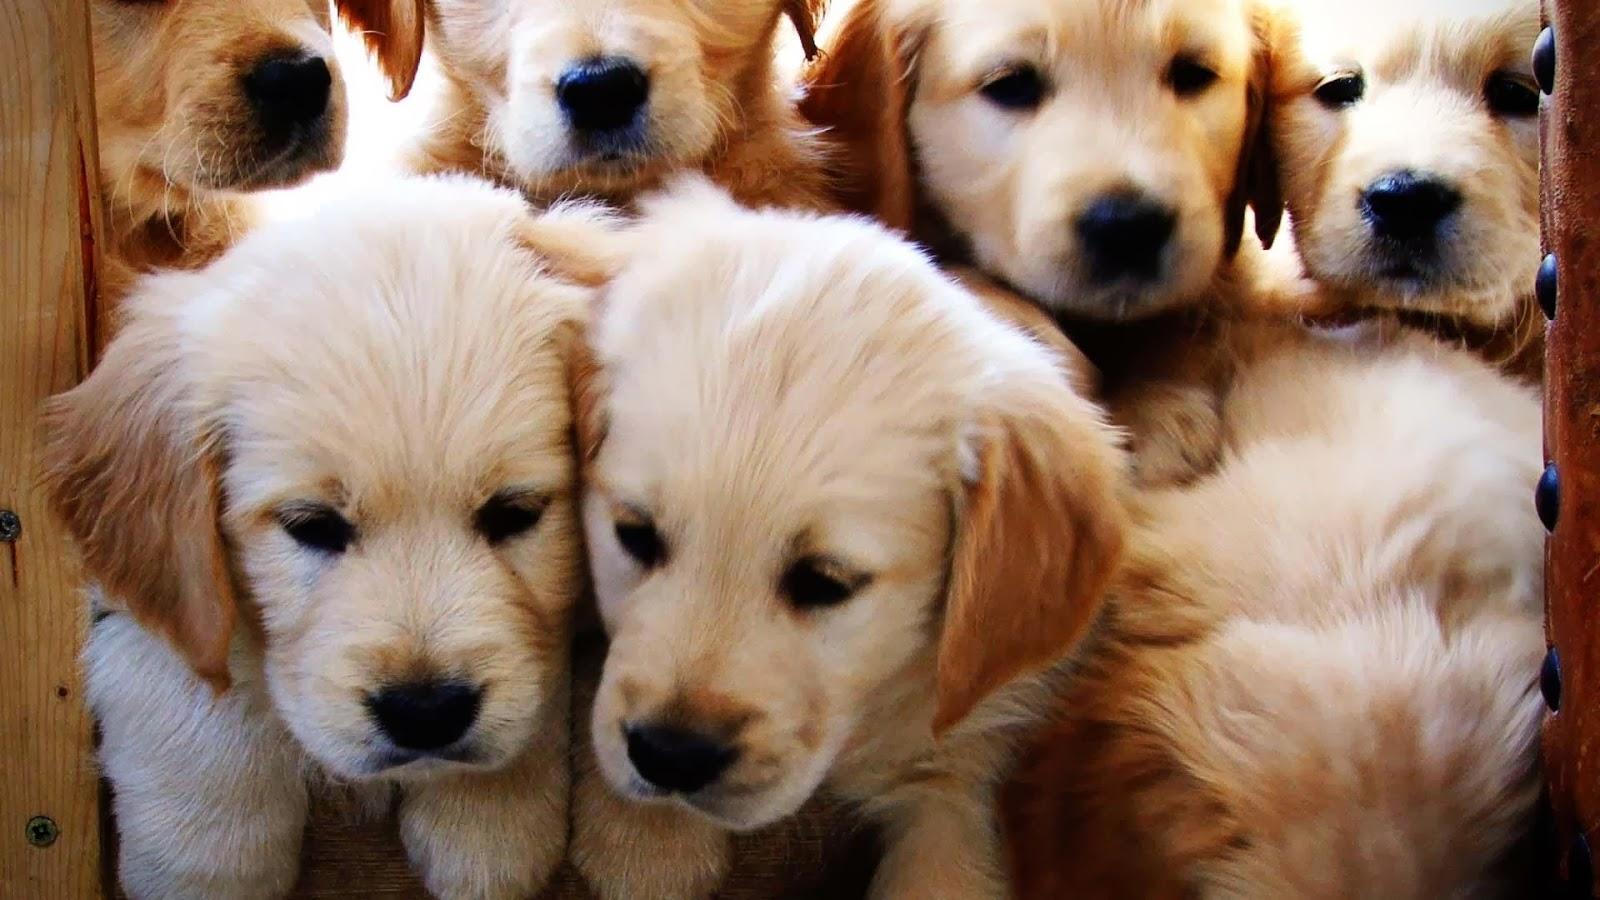 Cute golden retriever puppies wallpaper image free hd - Cute golden retriever wallpaper ...